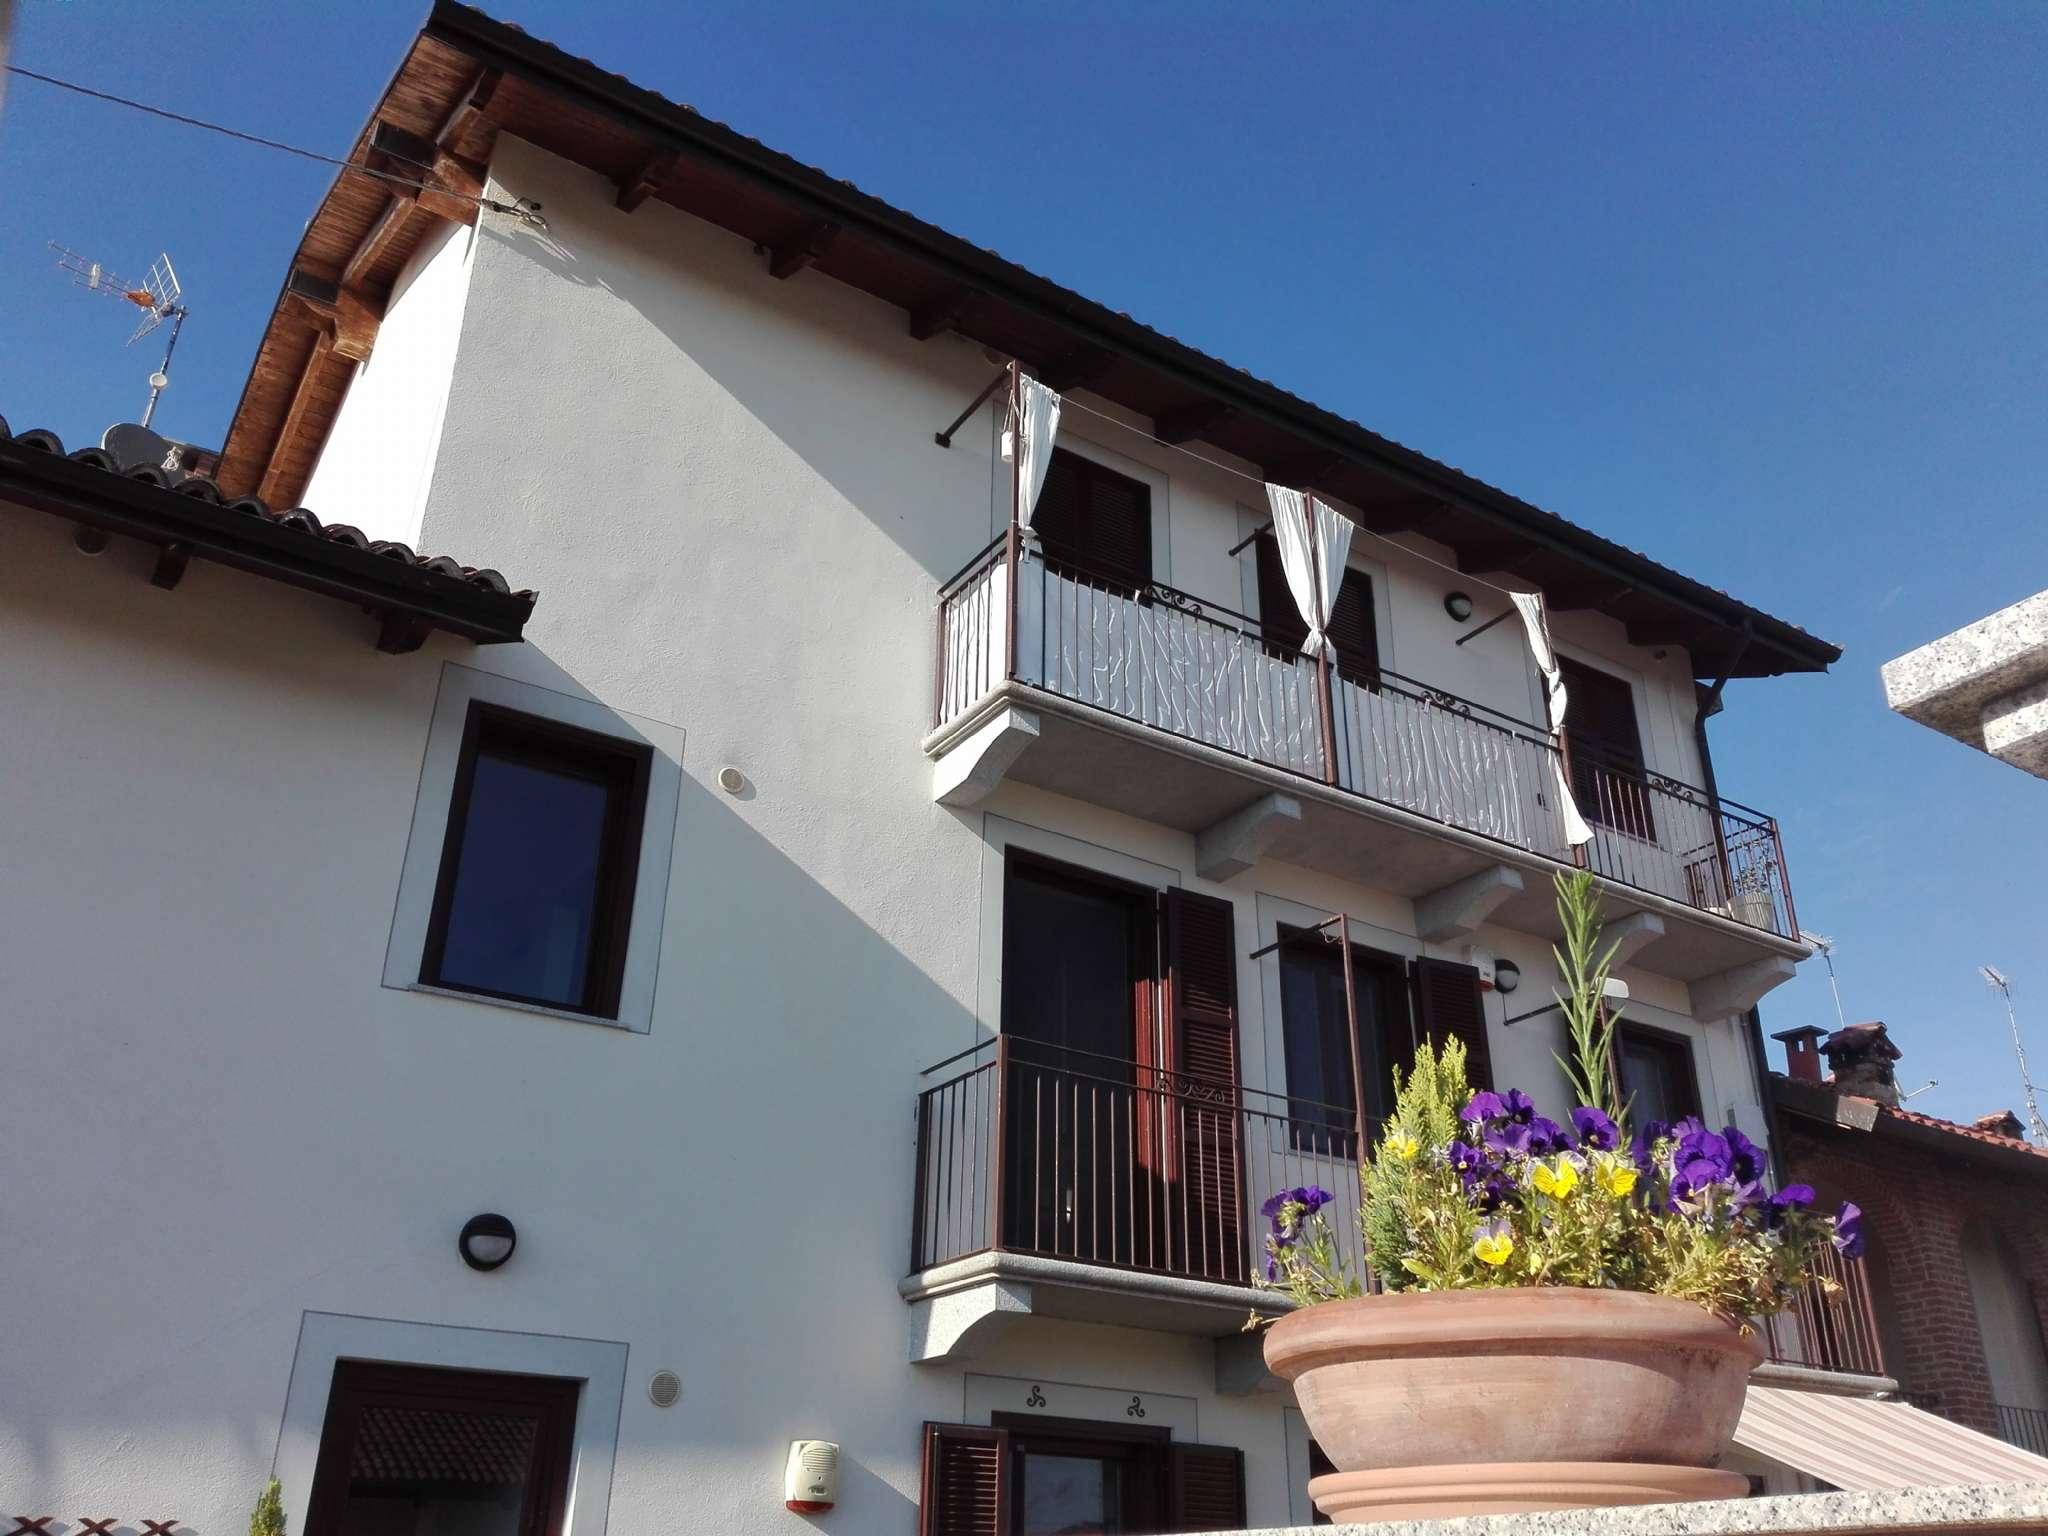 Appartamento in vendita a Moriondo Torinese, 3 locali, prezzo € 135.000 | CambioCasa.it